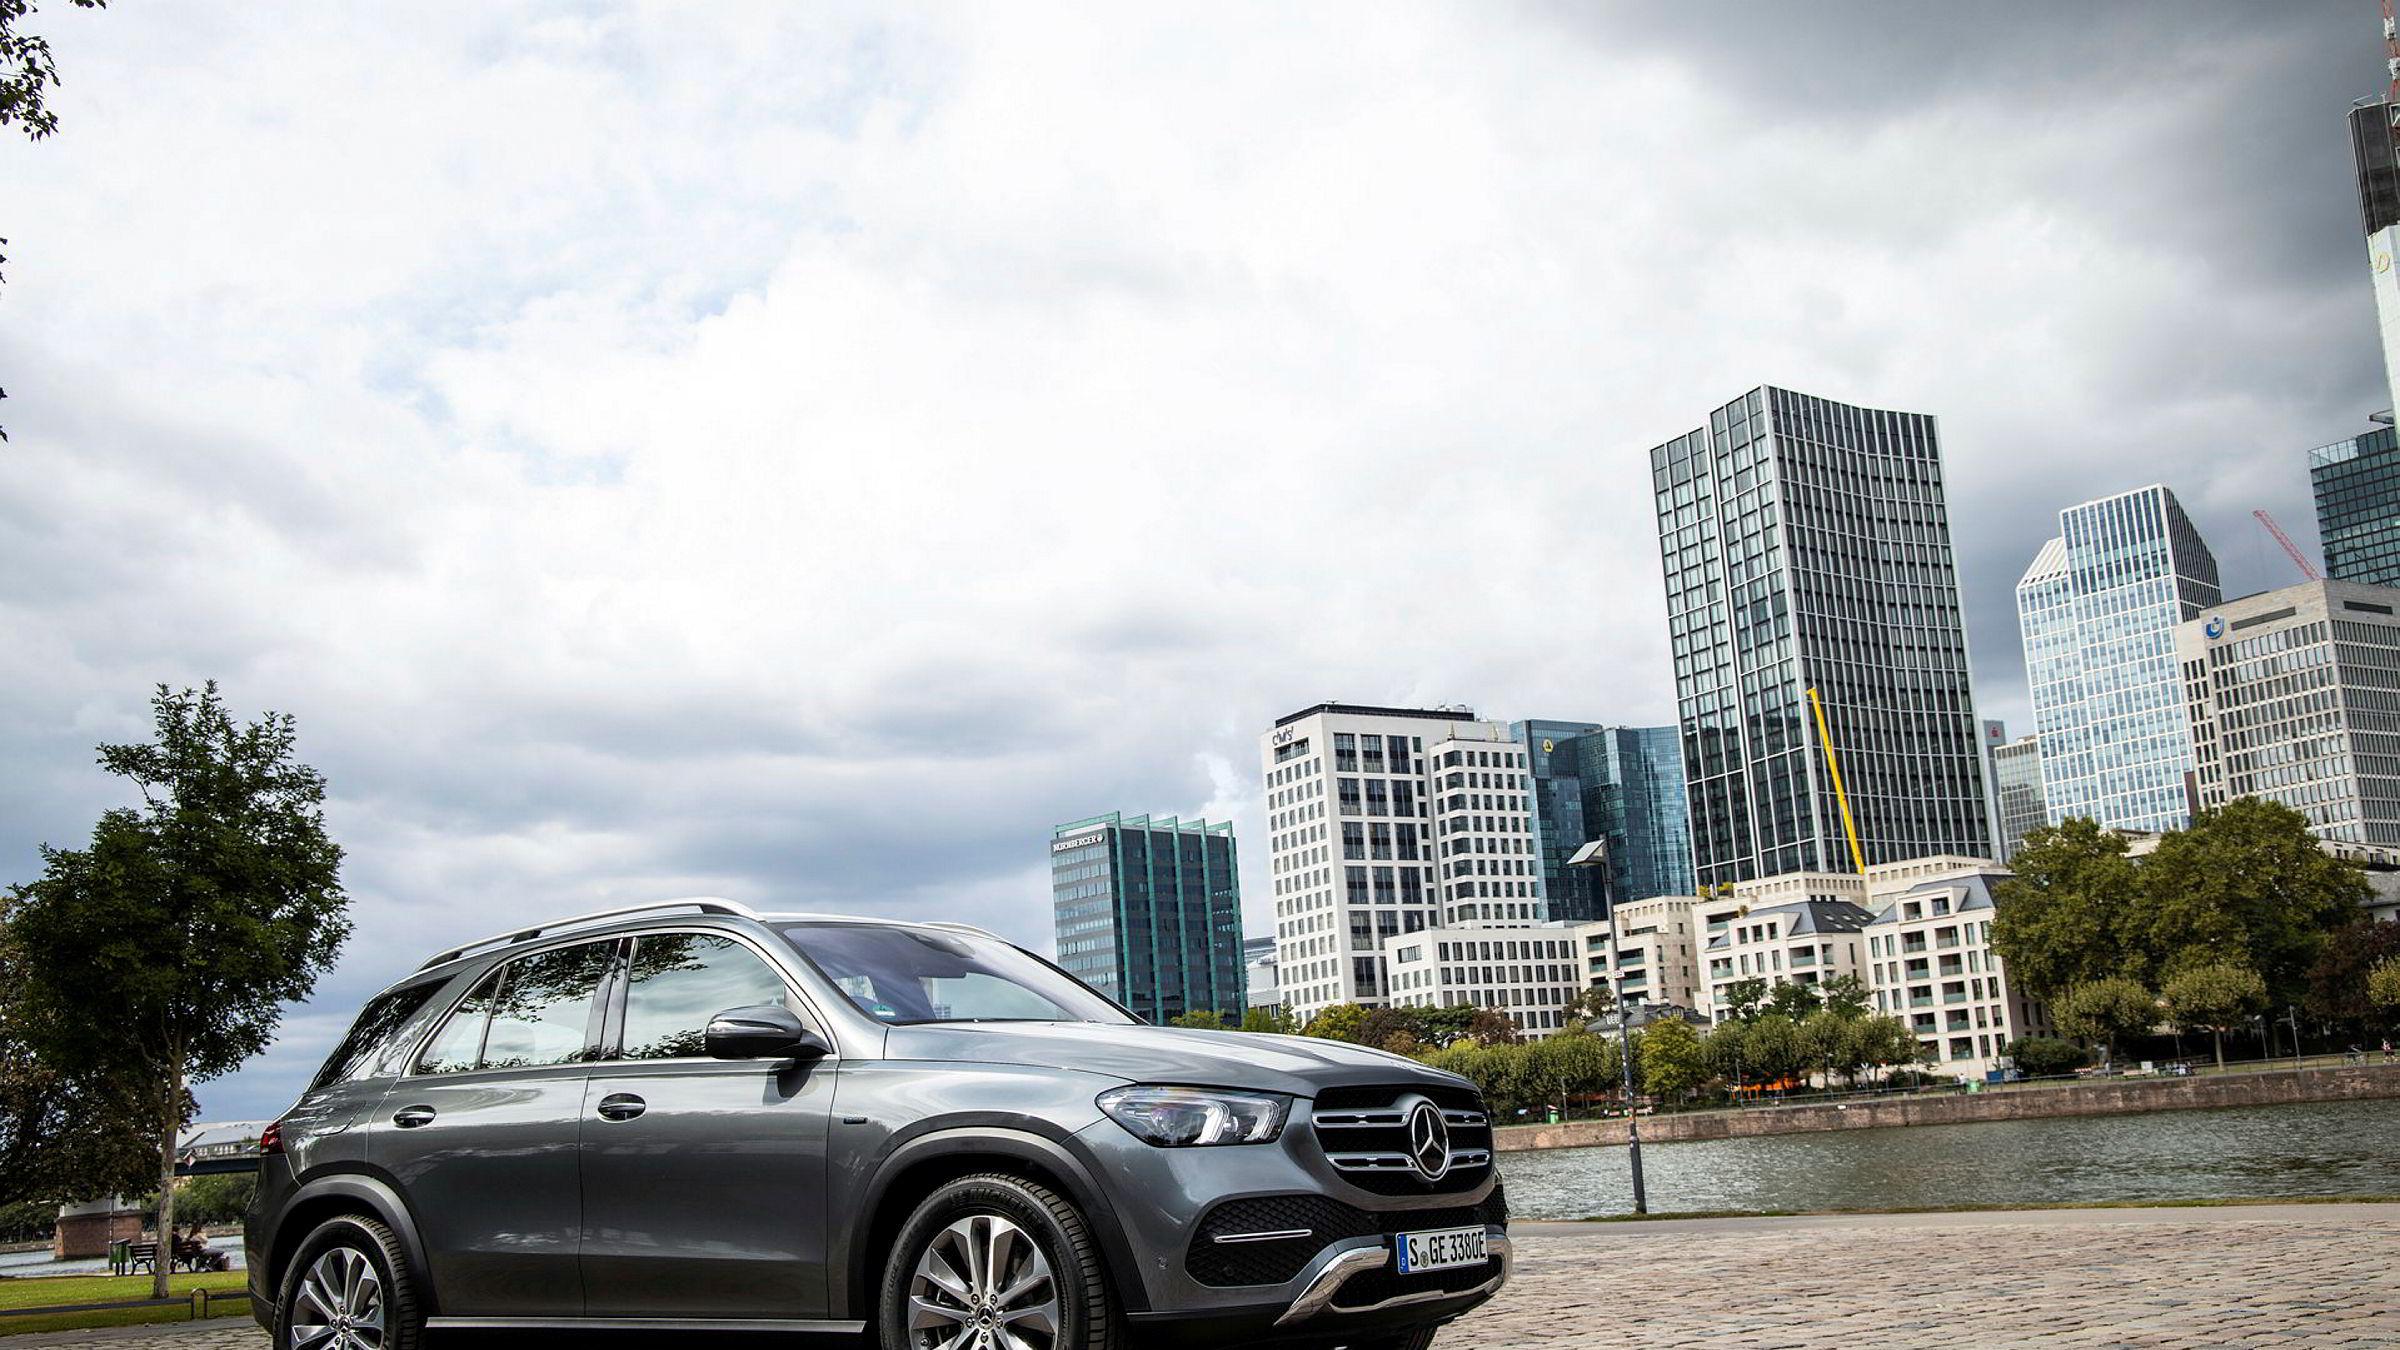 Mercedes-Benz GLE 350 de blir den ladbare hybriden med størst batteri i denne klassen.